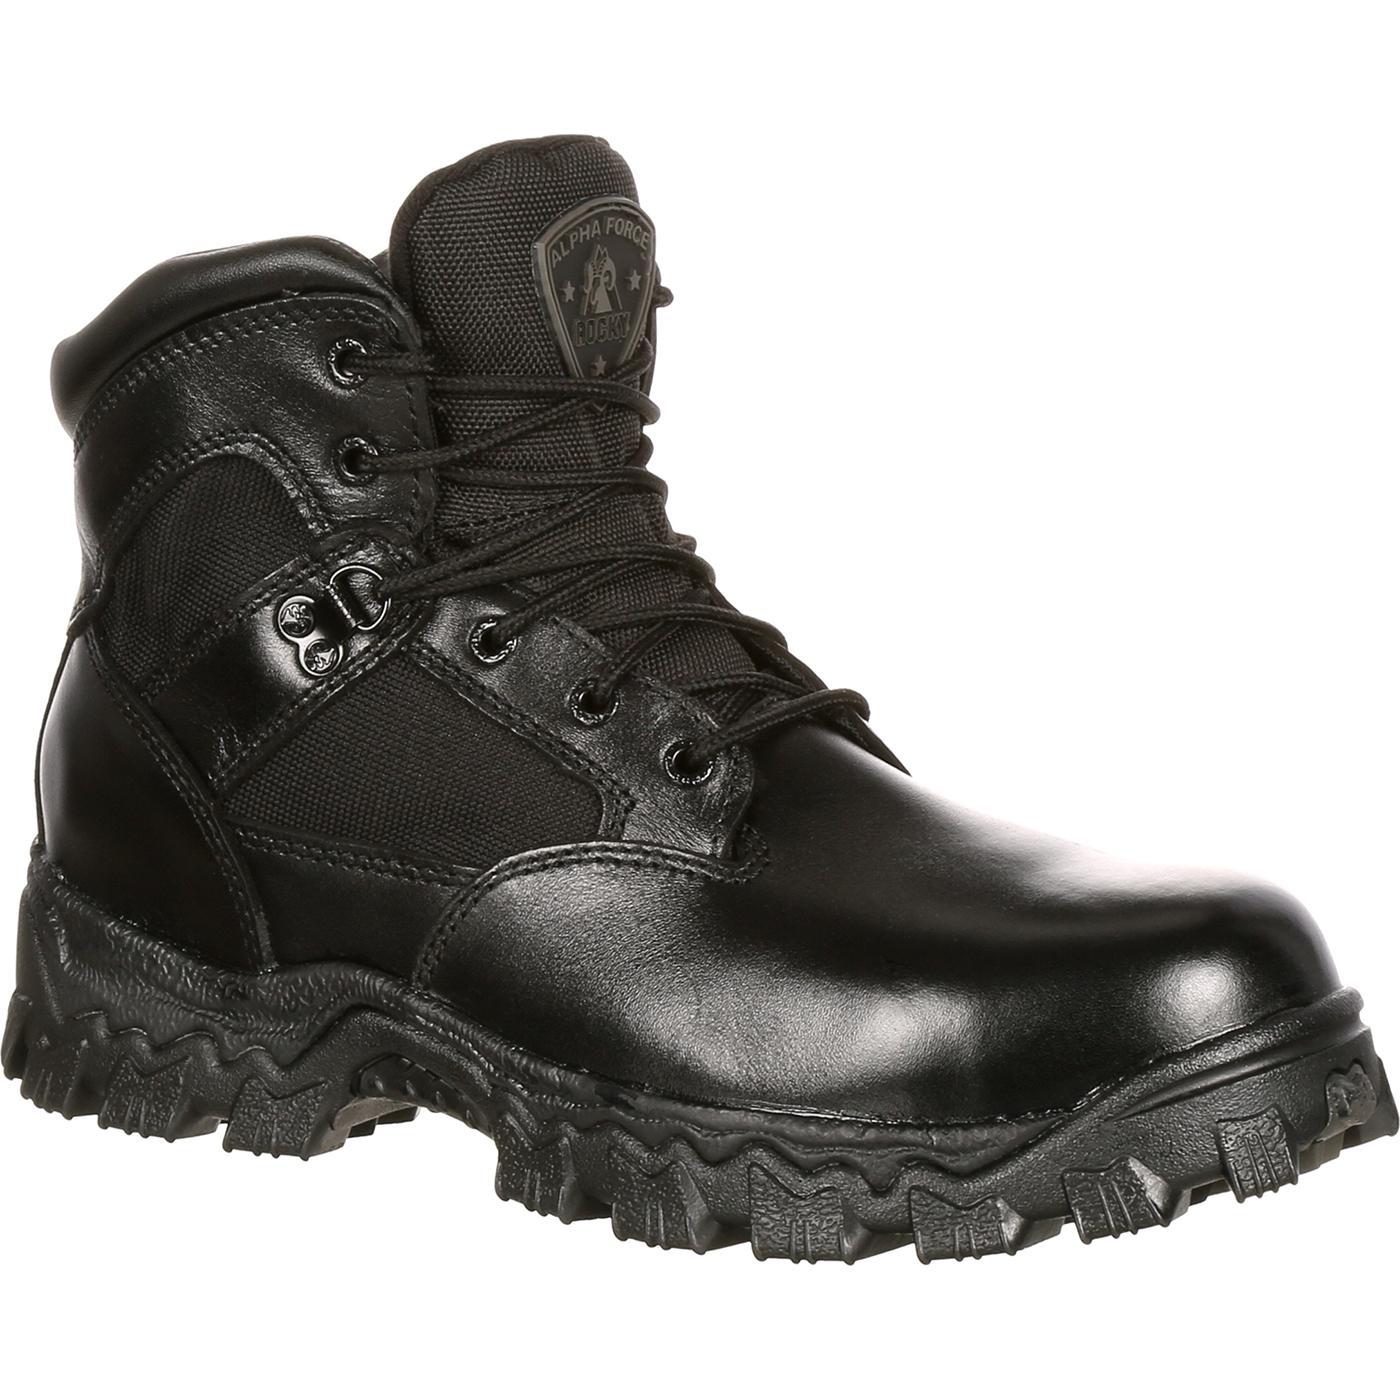 Rocky Men S 6 Quot Waterproof Black Duty Boots Style 2167